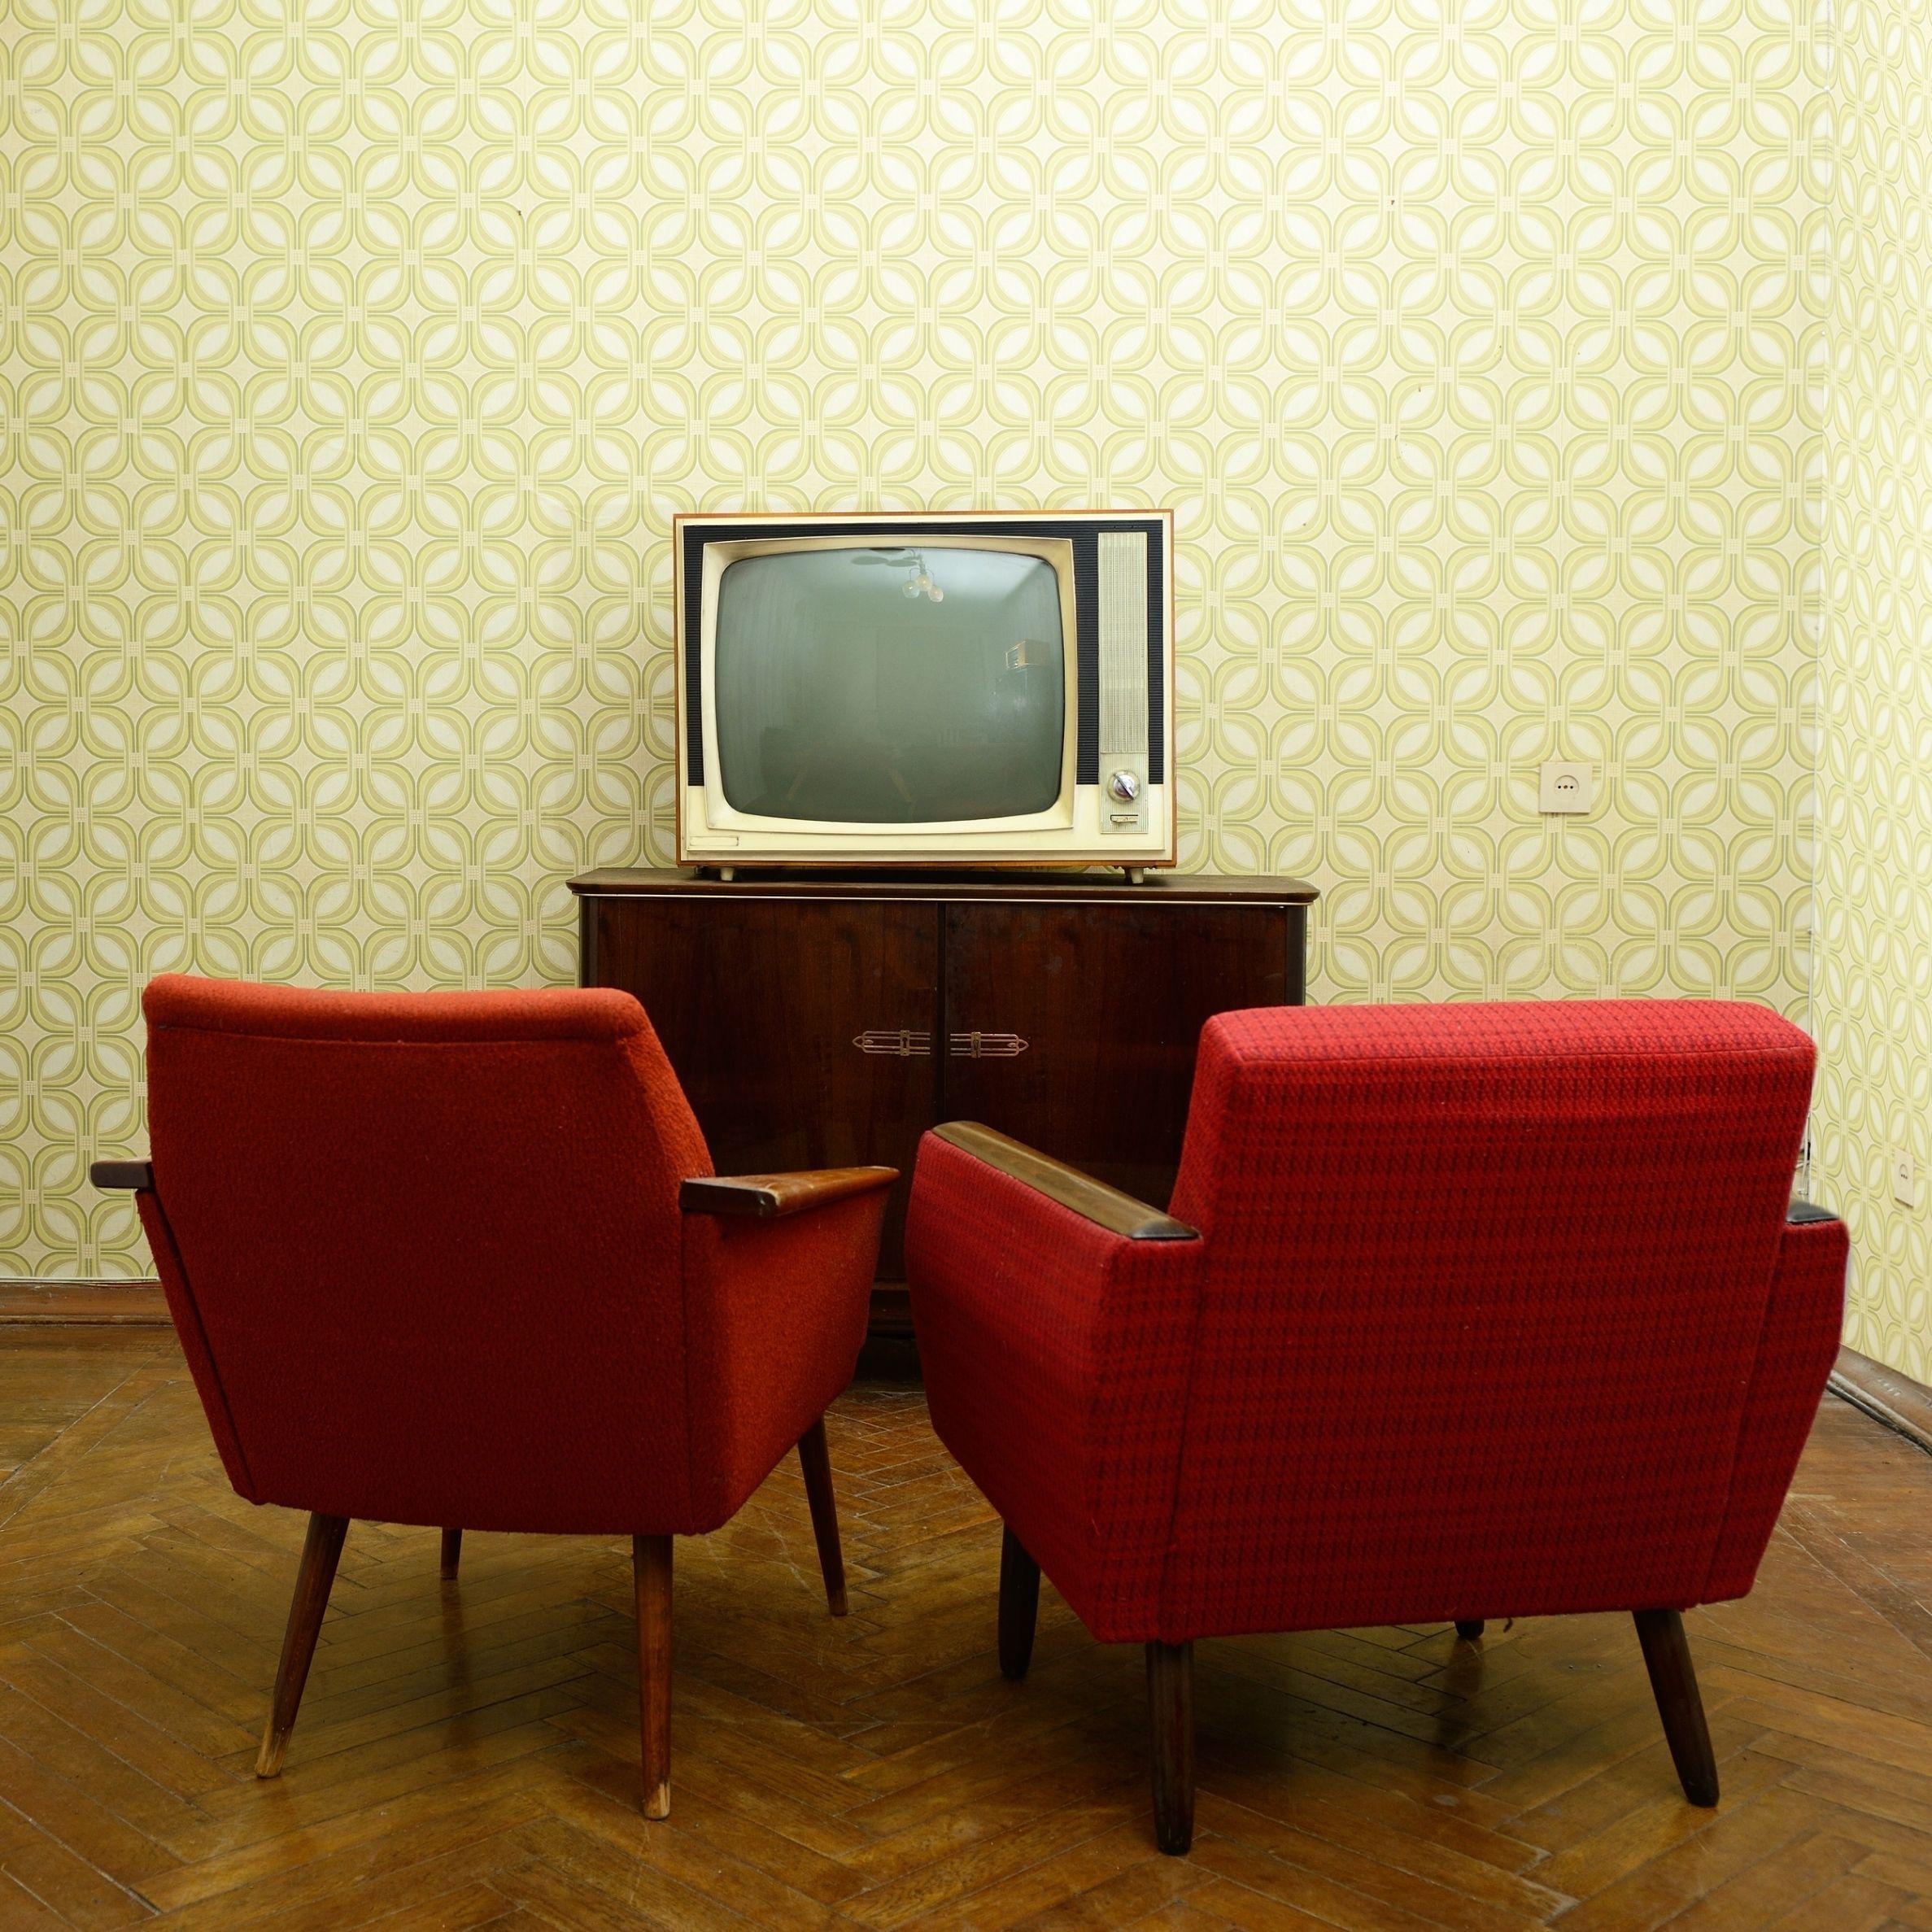 Neueste 60Er Wohnzimmer | Wohnzimmermöbel | Pinterest